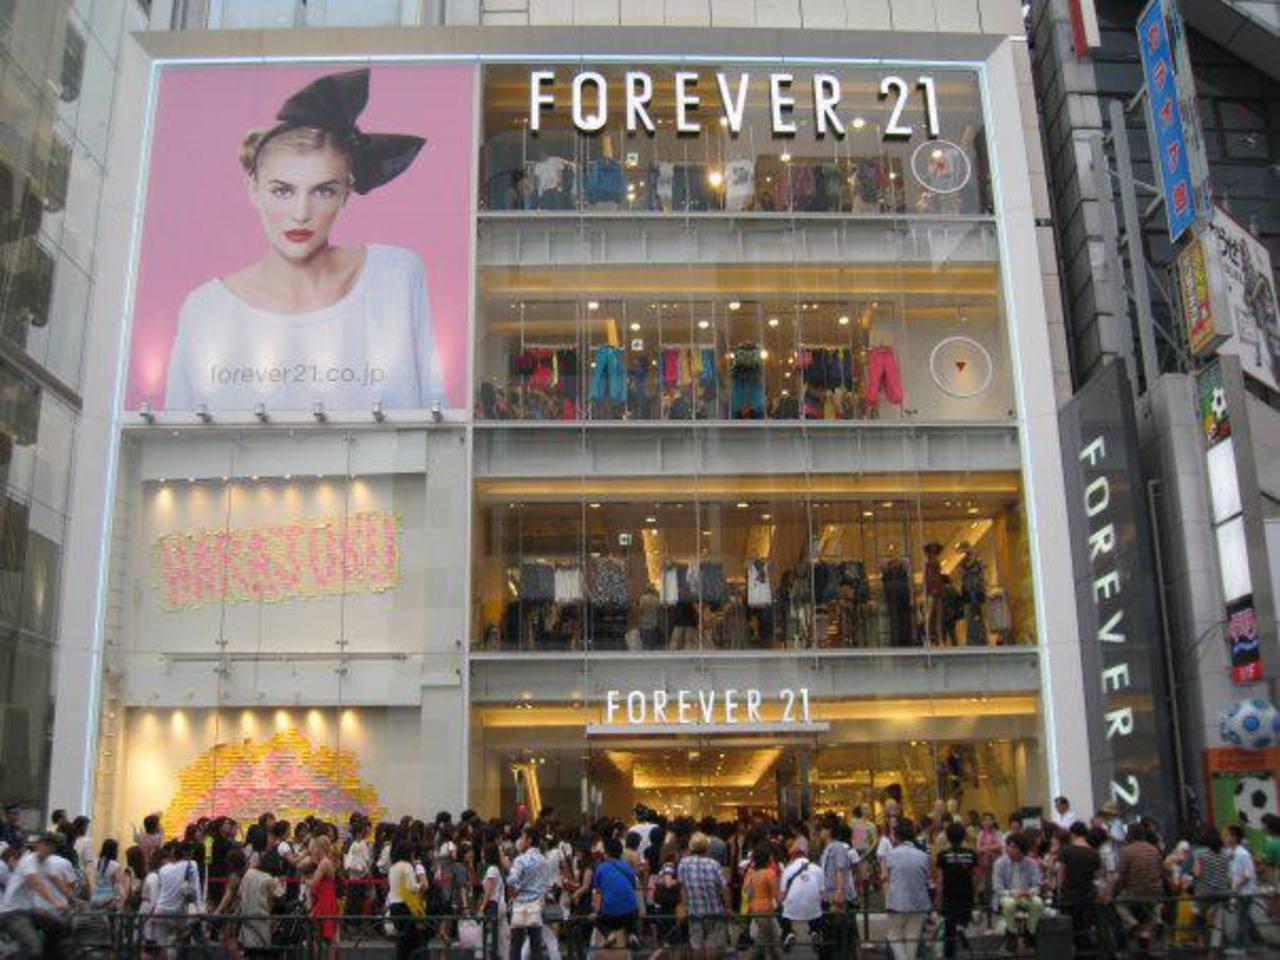 Forever 21 es reconocida por ser marca líder en moda alrededor del mundo. Foto edh